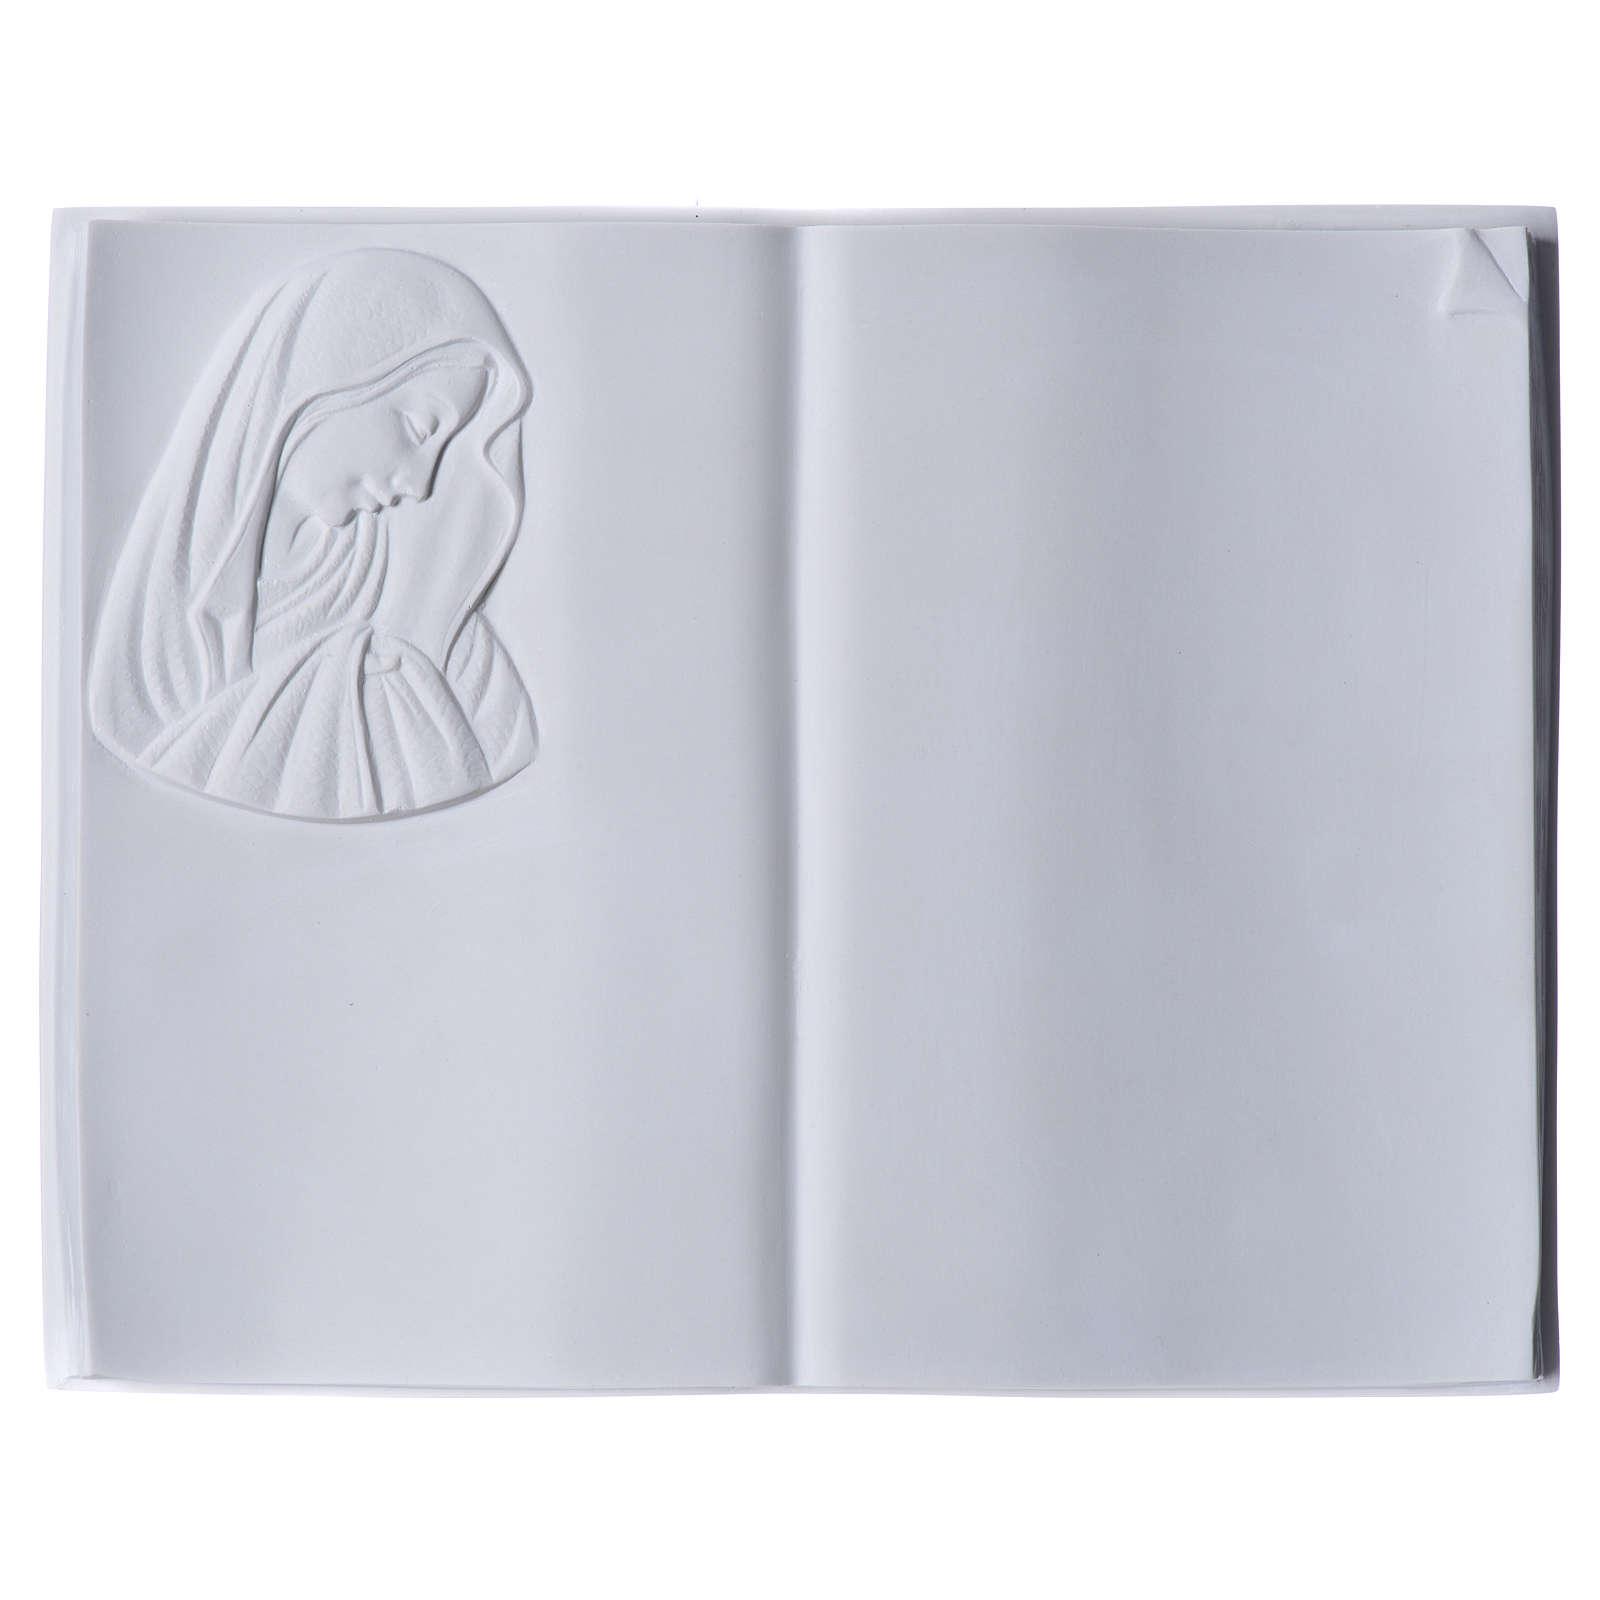 Plaque Funeraire Livre Et Vierge En Marbre Synthetique